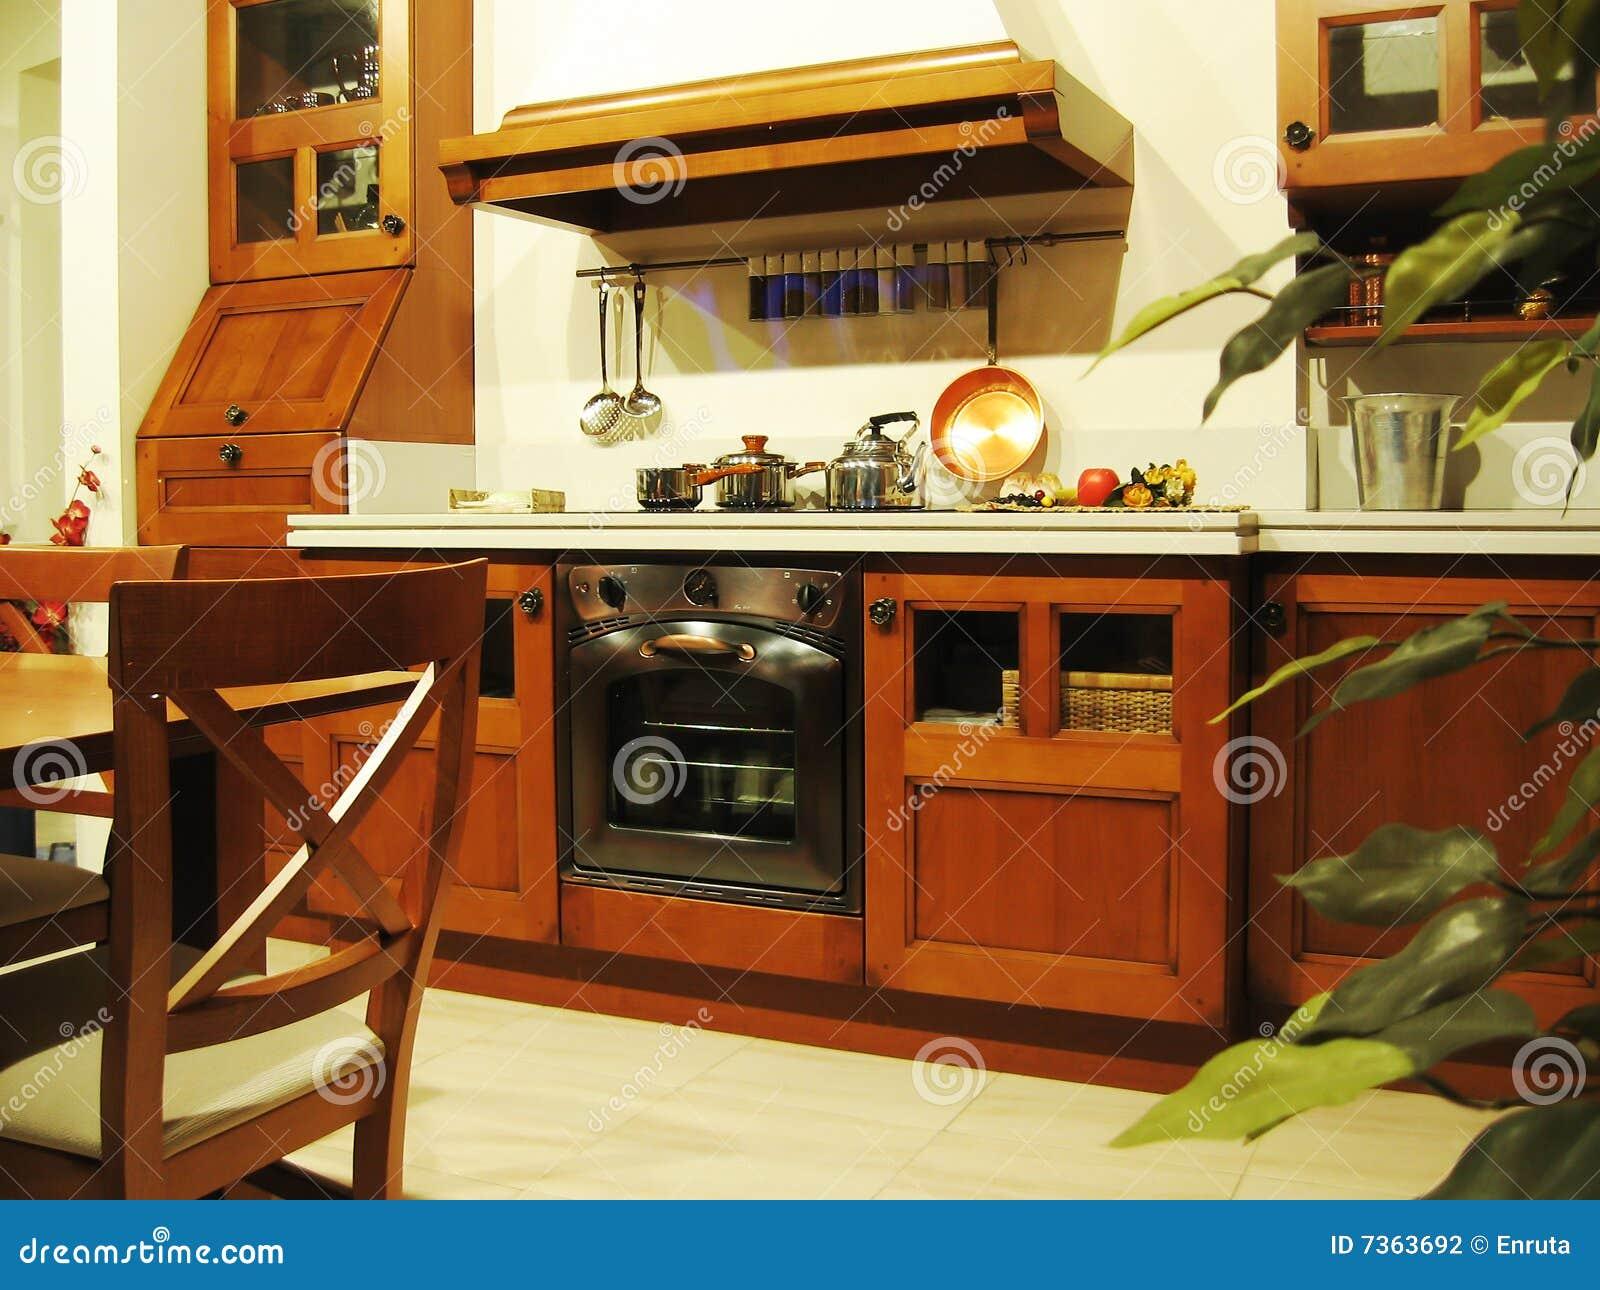 Cocina ideal foto de archivo. Imagen de casero, apartamento - 7363692